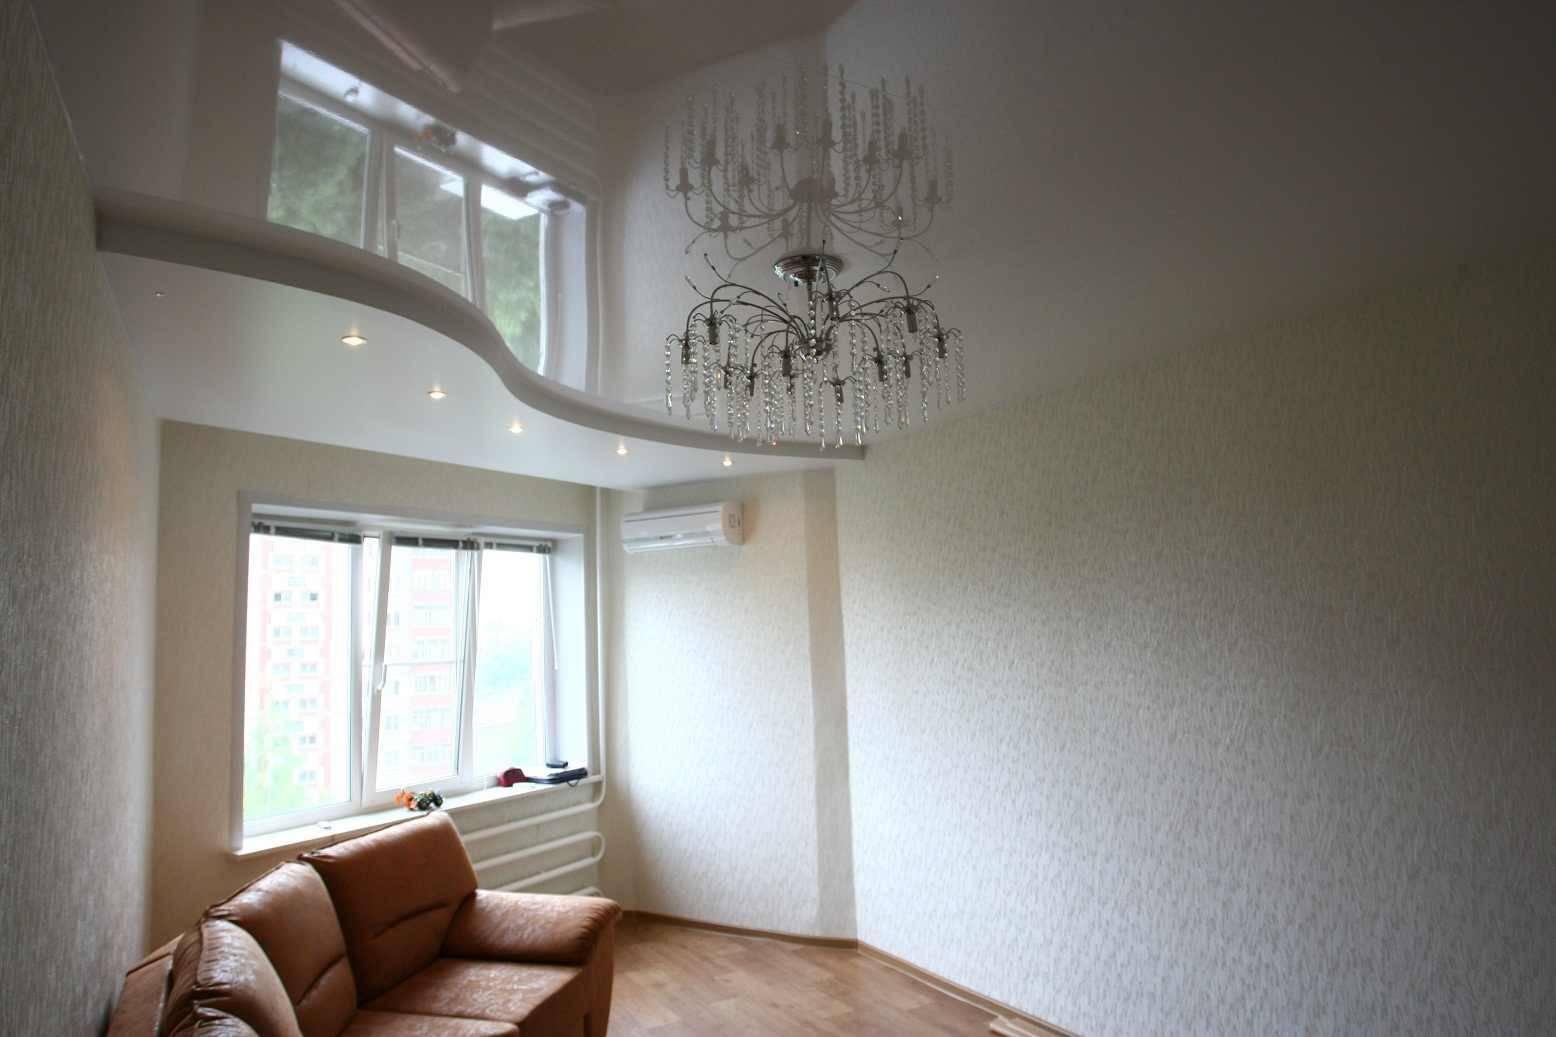 Что сначала: натяжные потолки или обои? что делают раньше, потолок или клеят стены